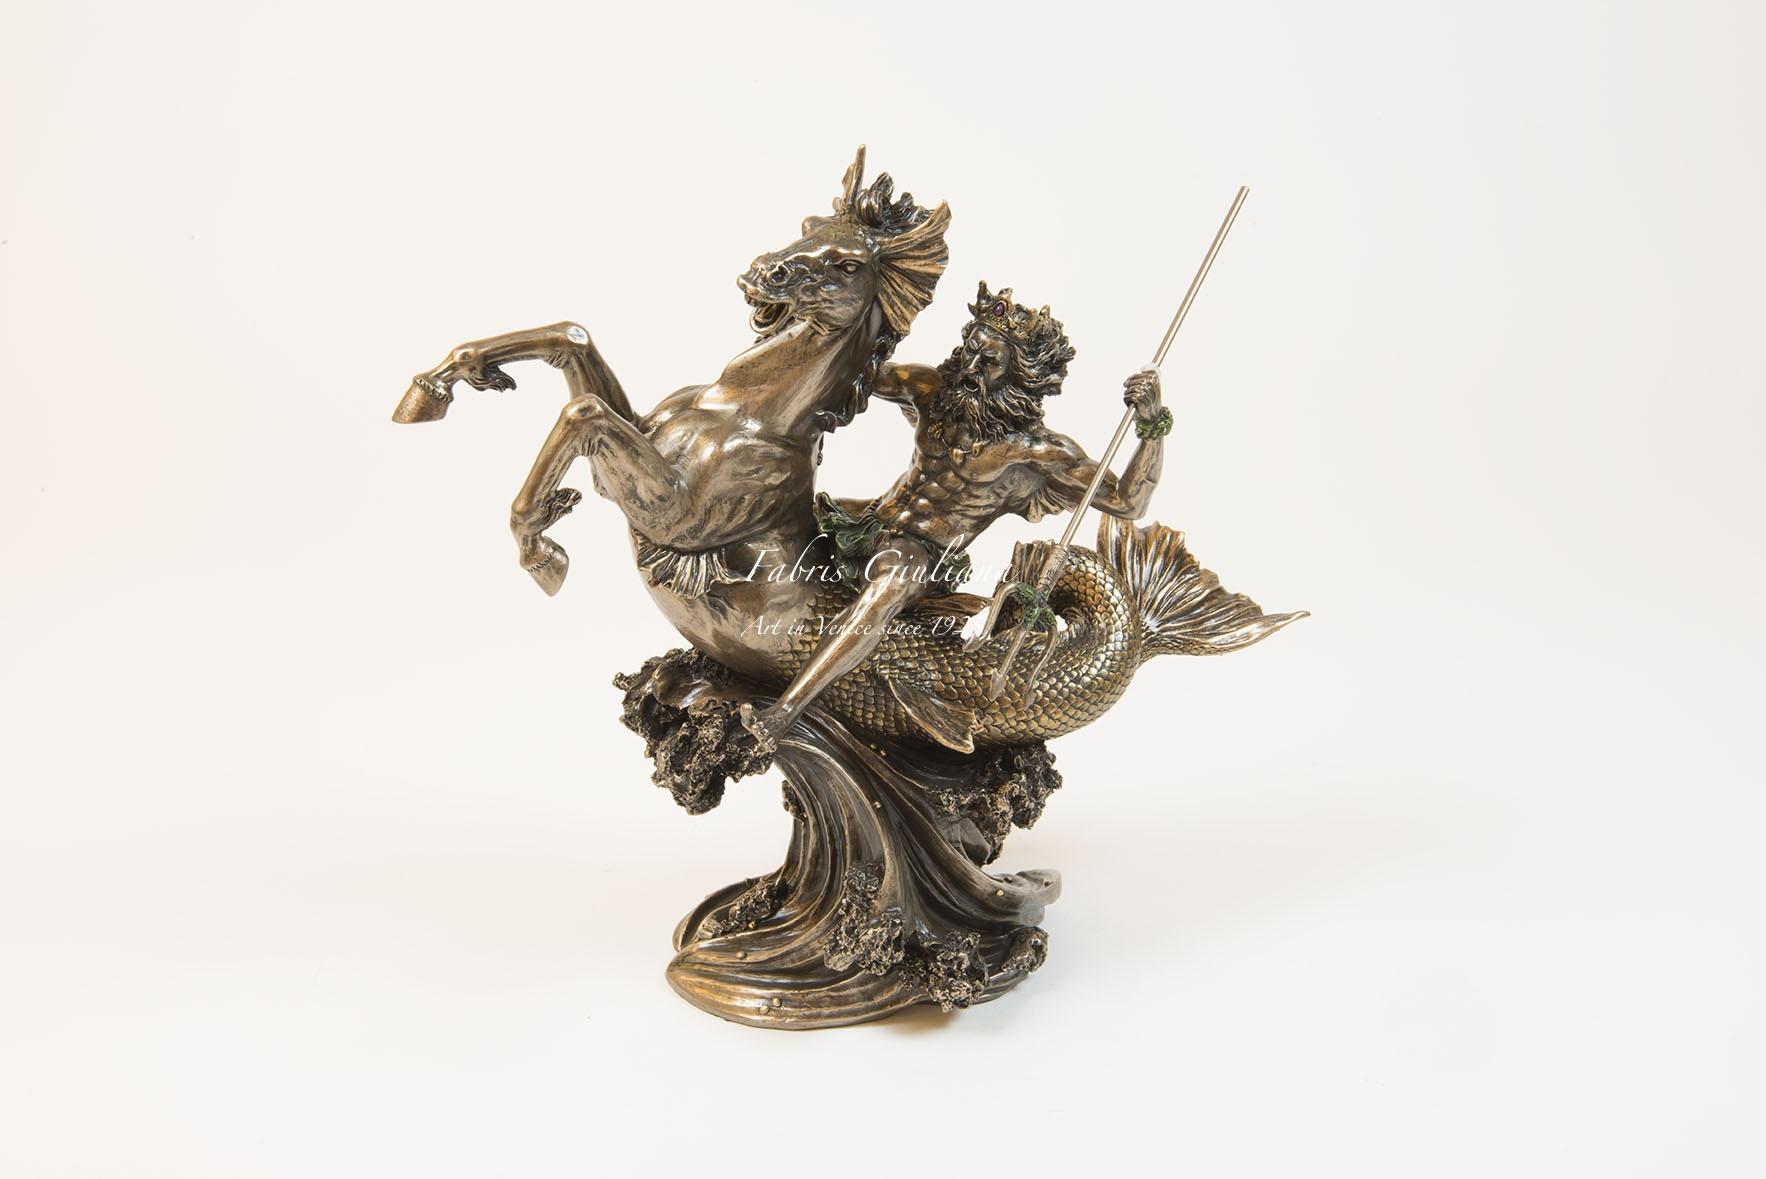 Poseidon with Hippocampus (Neptune)